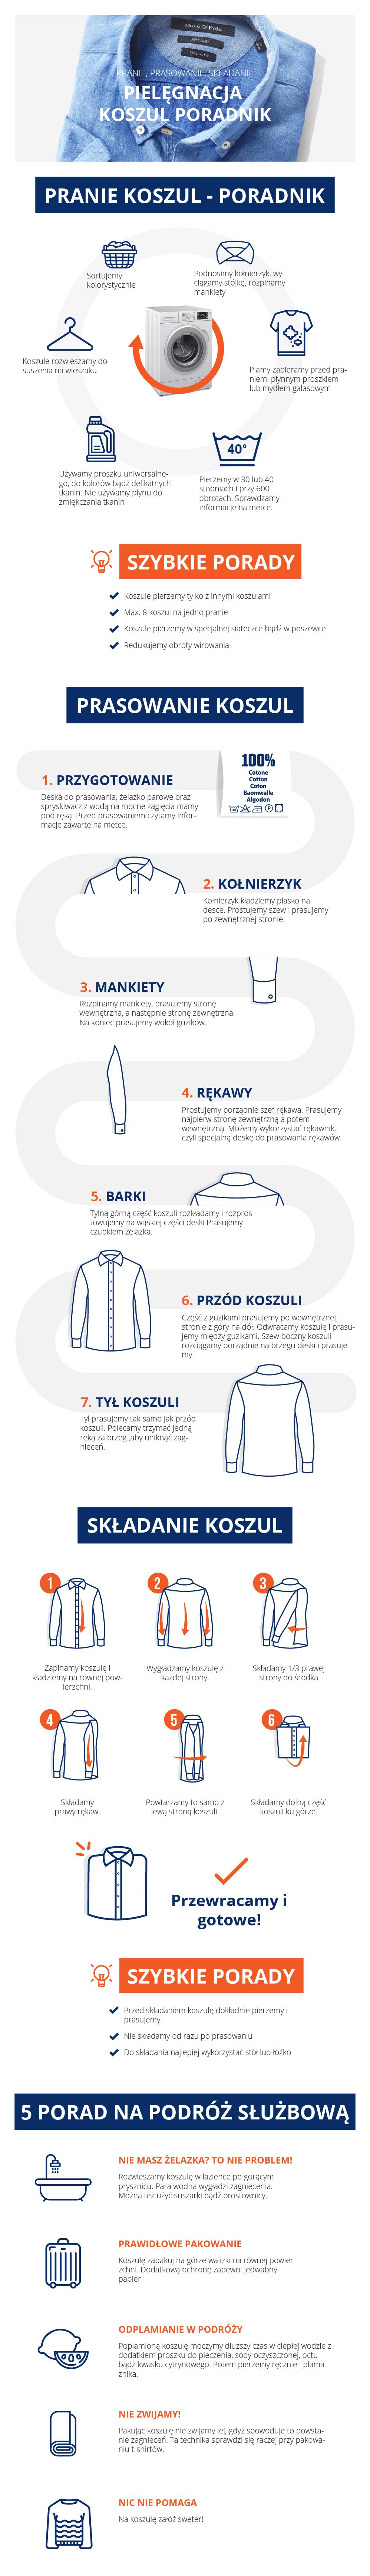 Infografika na temat prania, składania i prasowania koszul.